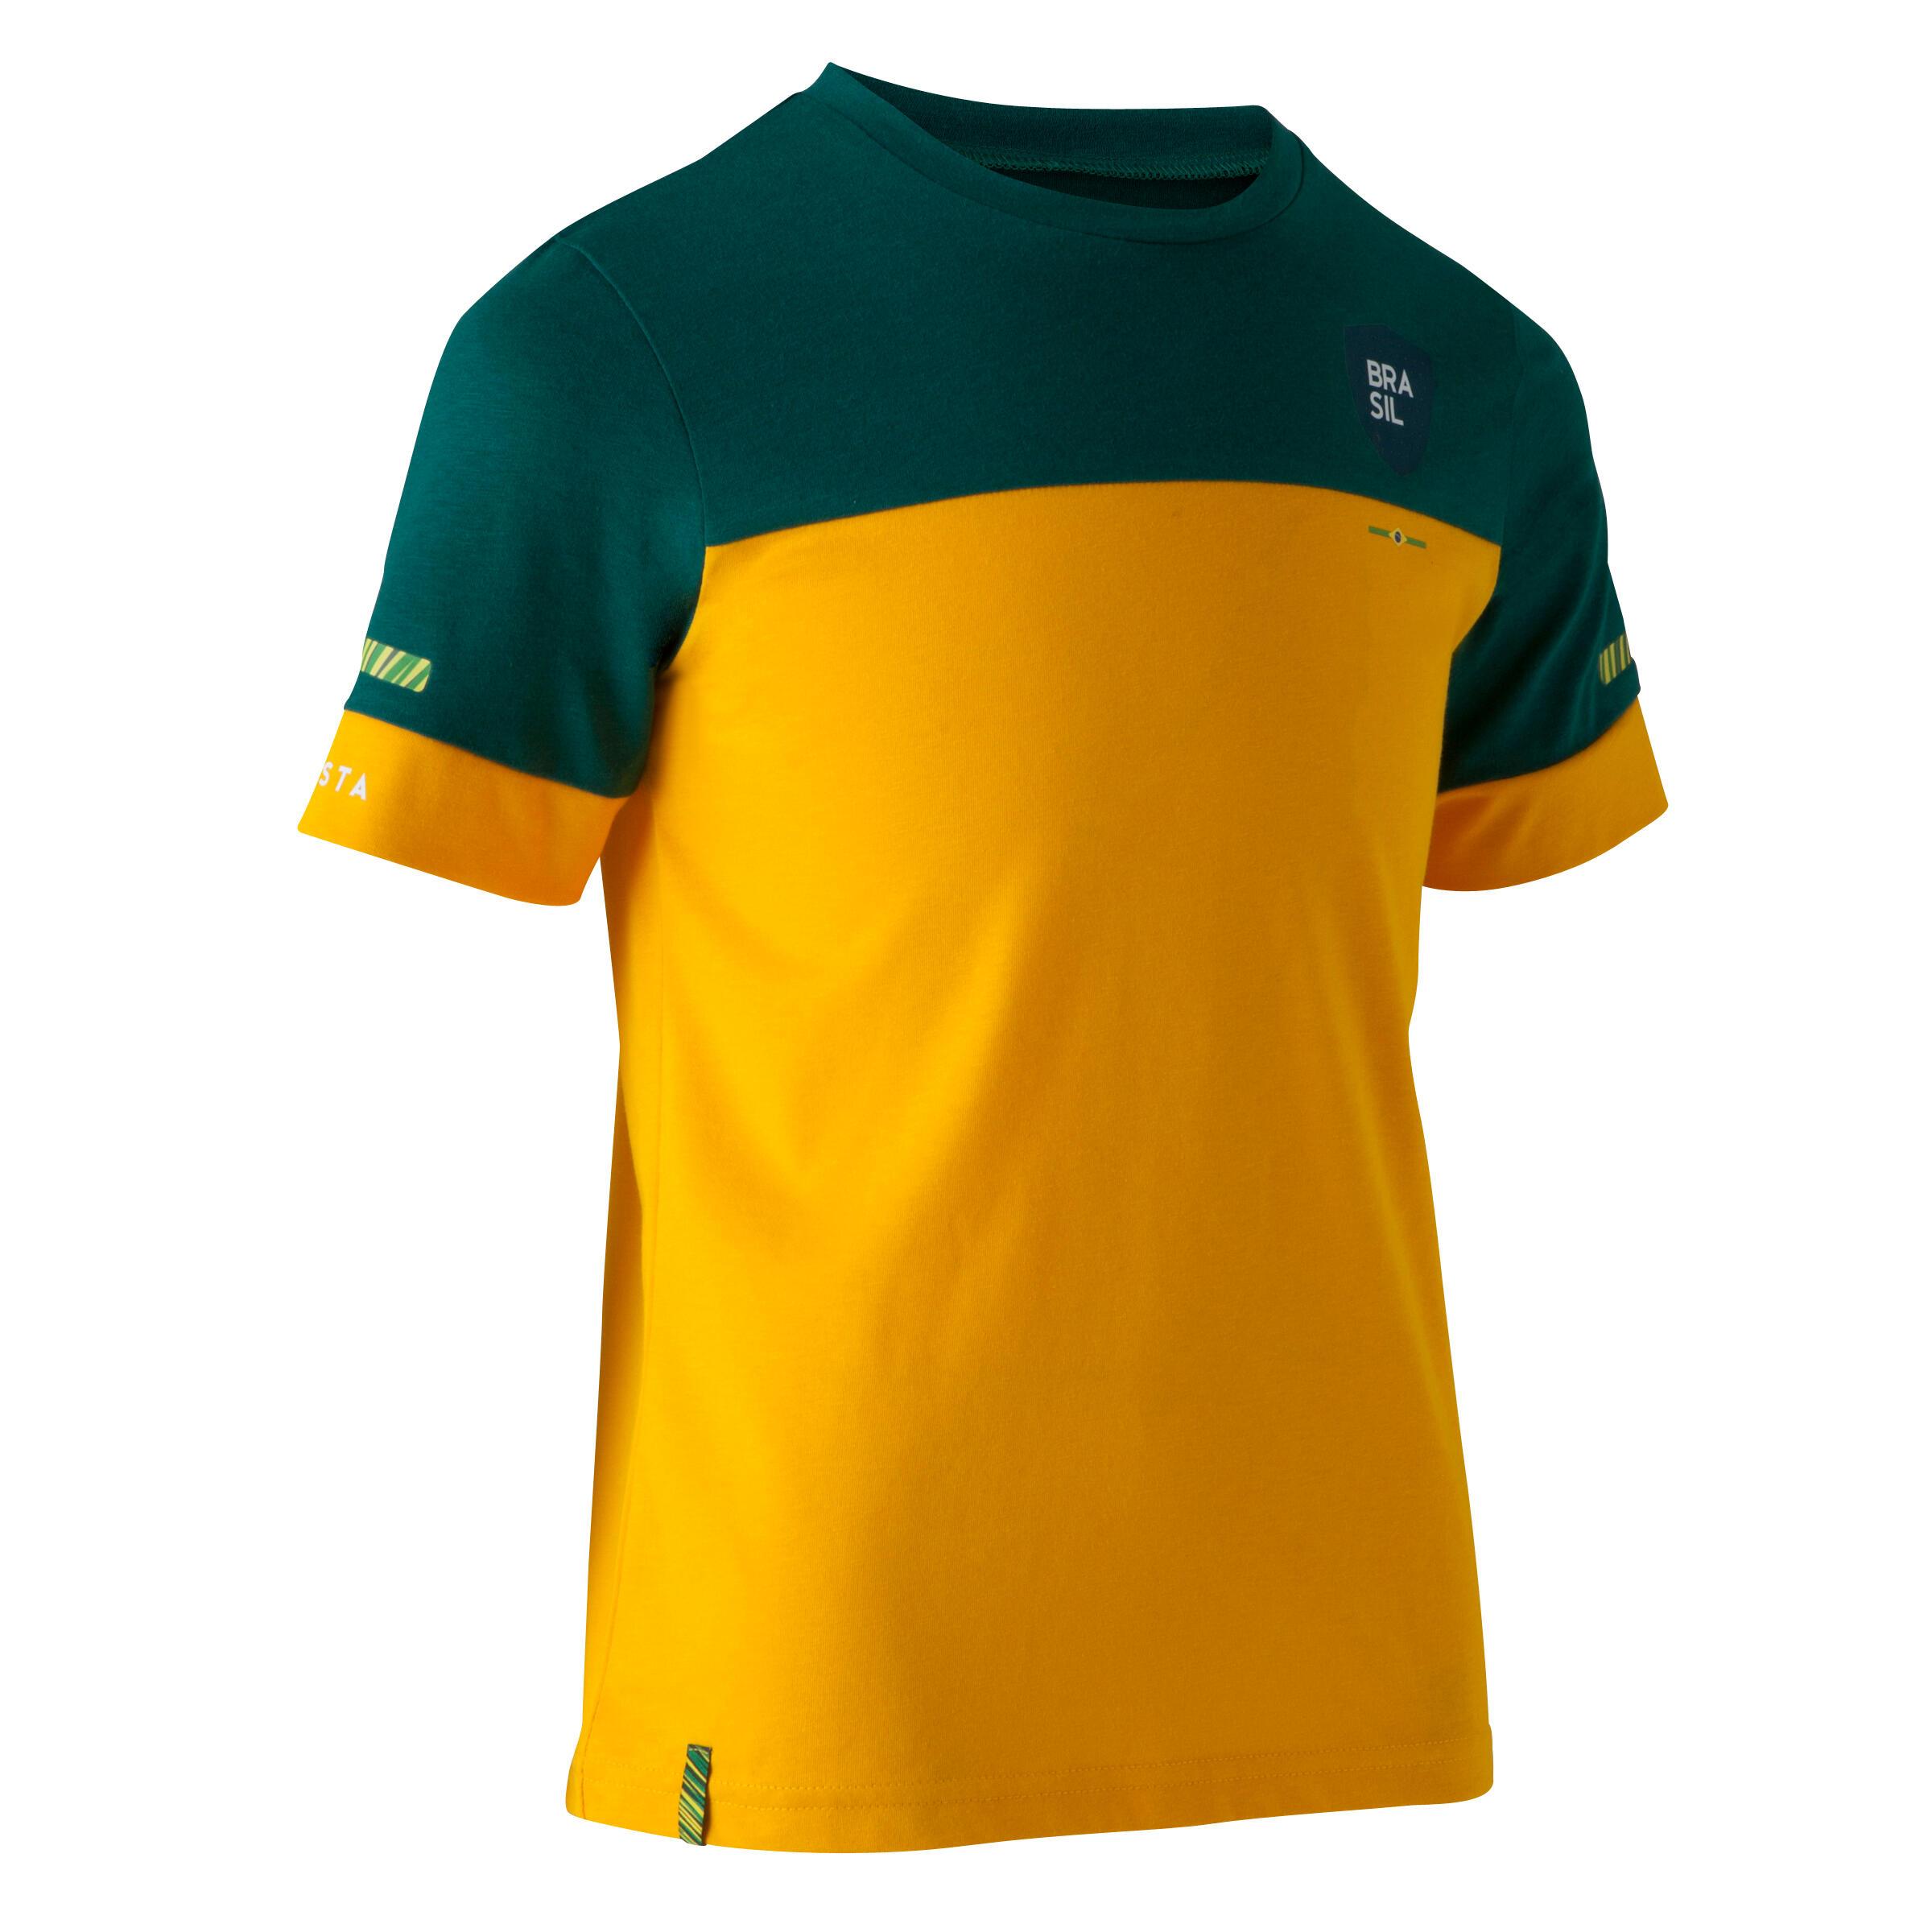 Jungen,Kinder,Kinder Fußballtrikot FF100 Kinder Brasilien   03583788194859